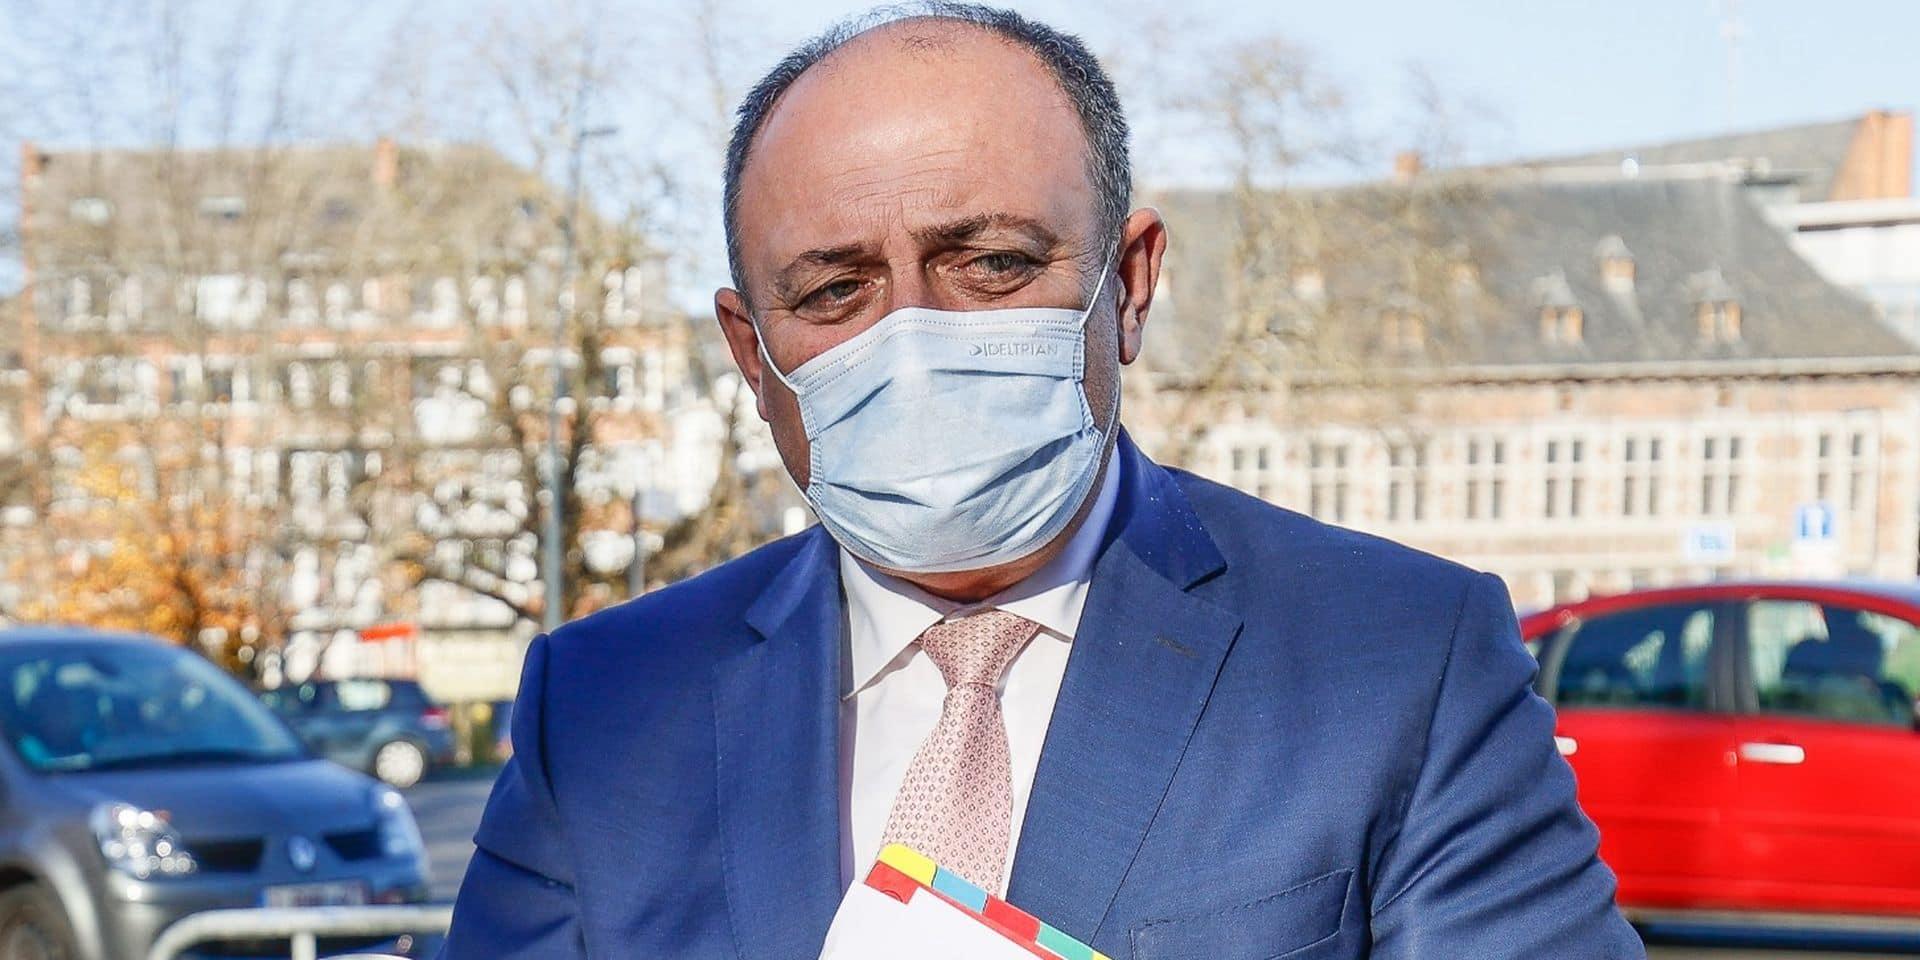 Boucle du Hainaut: l'étude indépendante commandée par le ministre est terminée